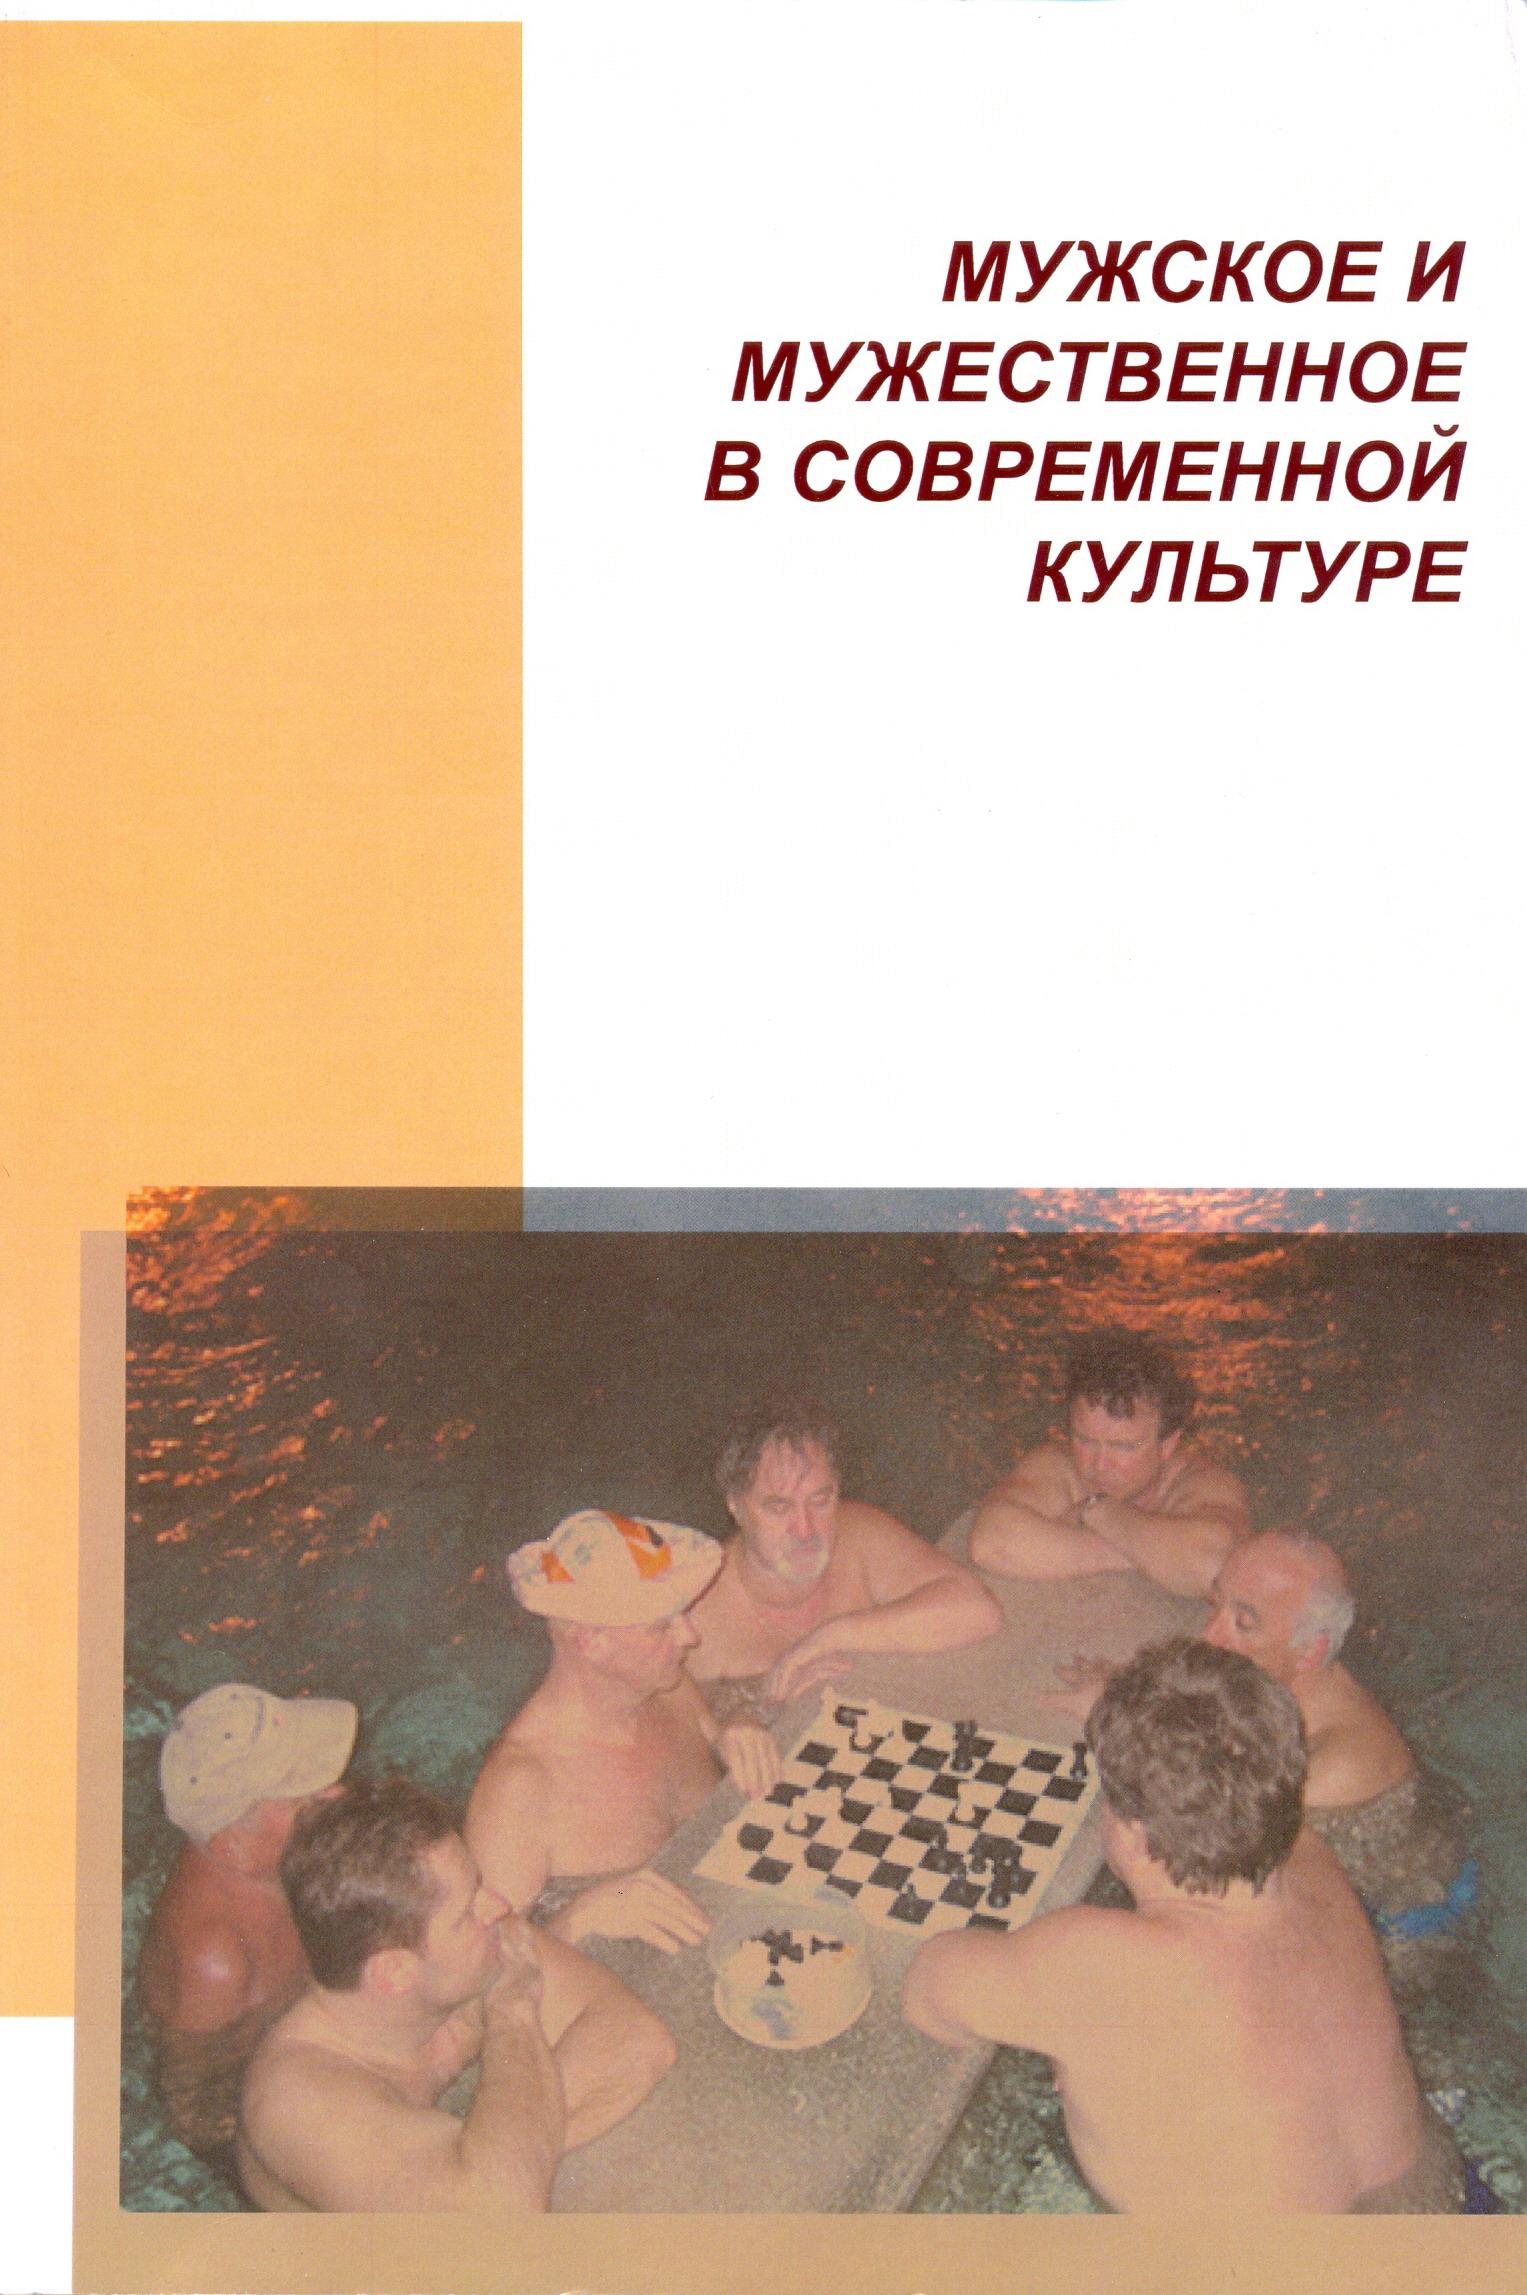 Образ сына в языковом сознании носителей русской и бурятской культур